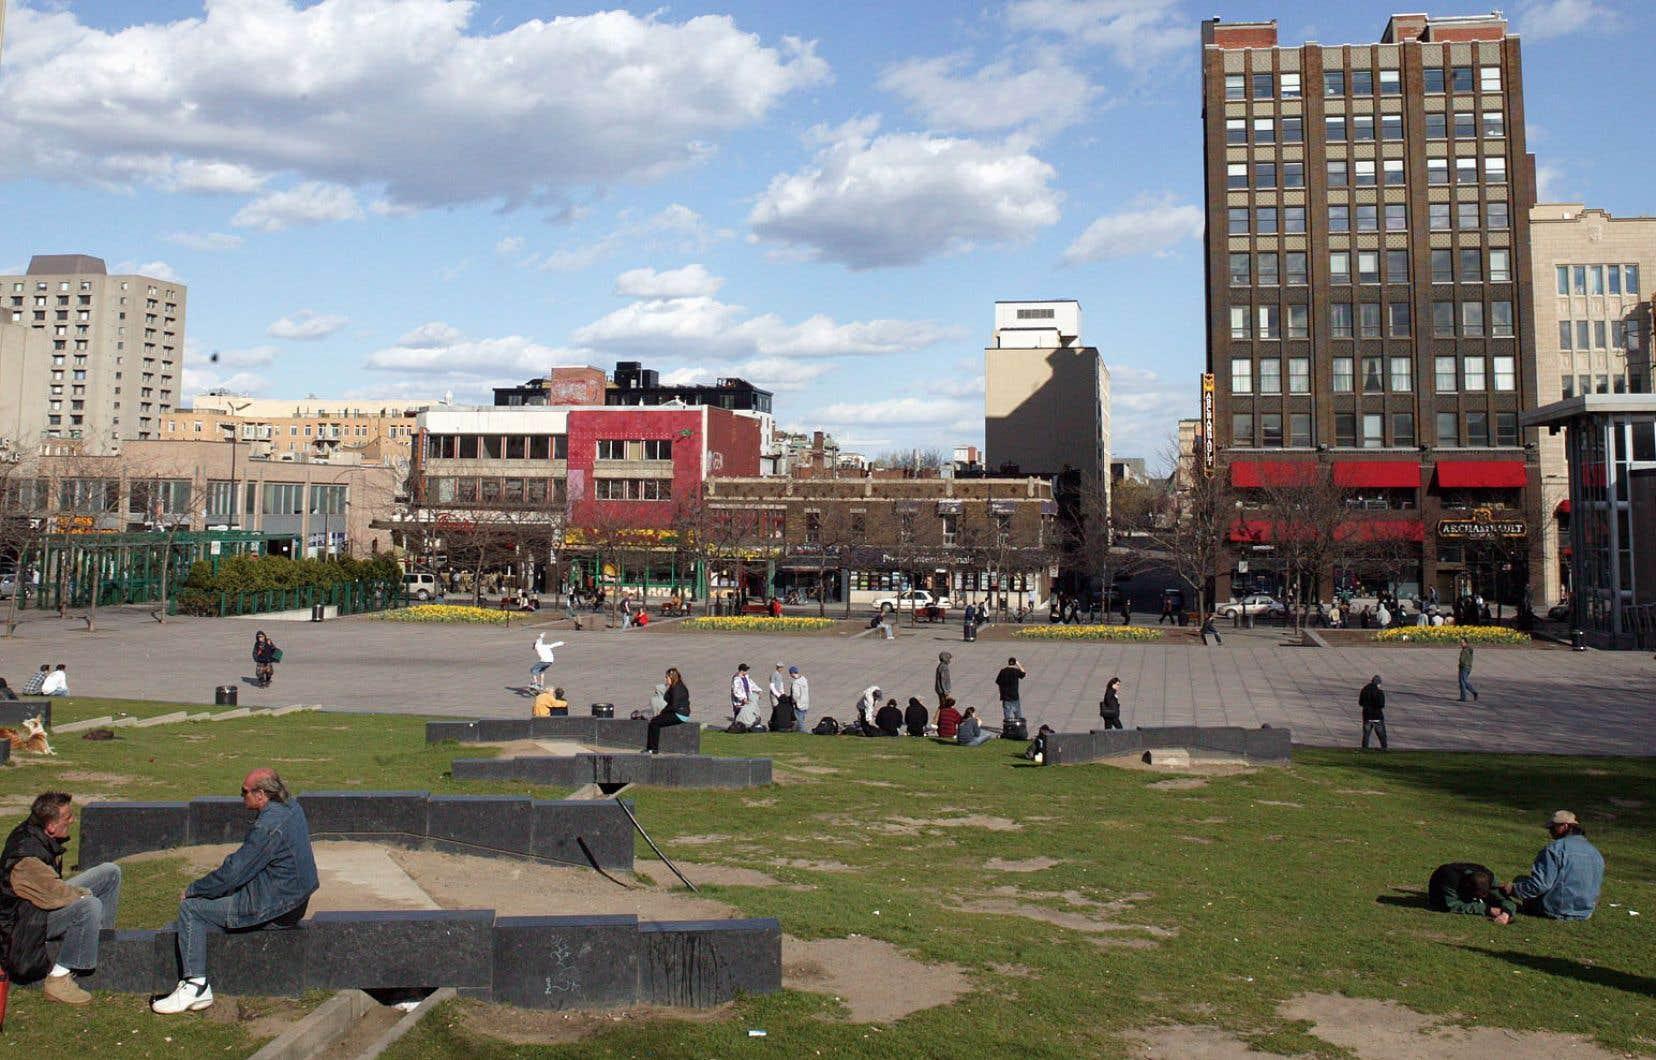 «La Direction de l'aménagement urbain et de la mobilité de l'arrondissement de Ville-Marie estime que les bâtiments de deux étages situés dans la rue Sainte-Catherine Est présentent peu d'intérêt patrimonial», affirme l'auteur.